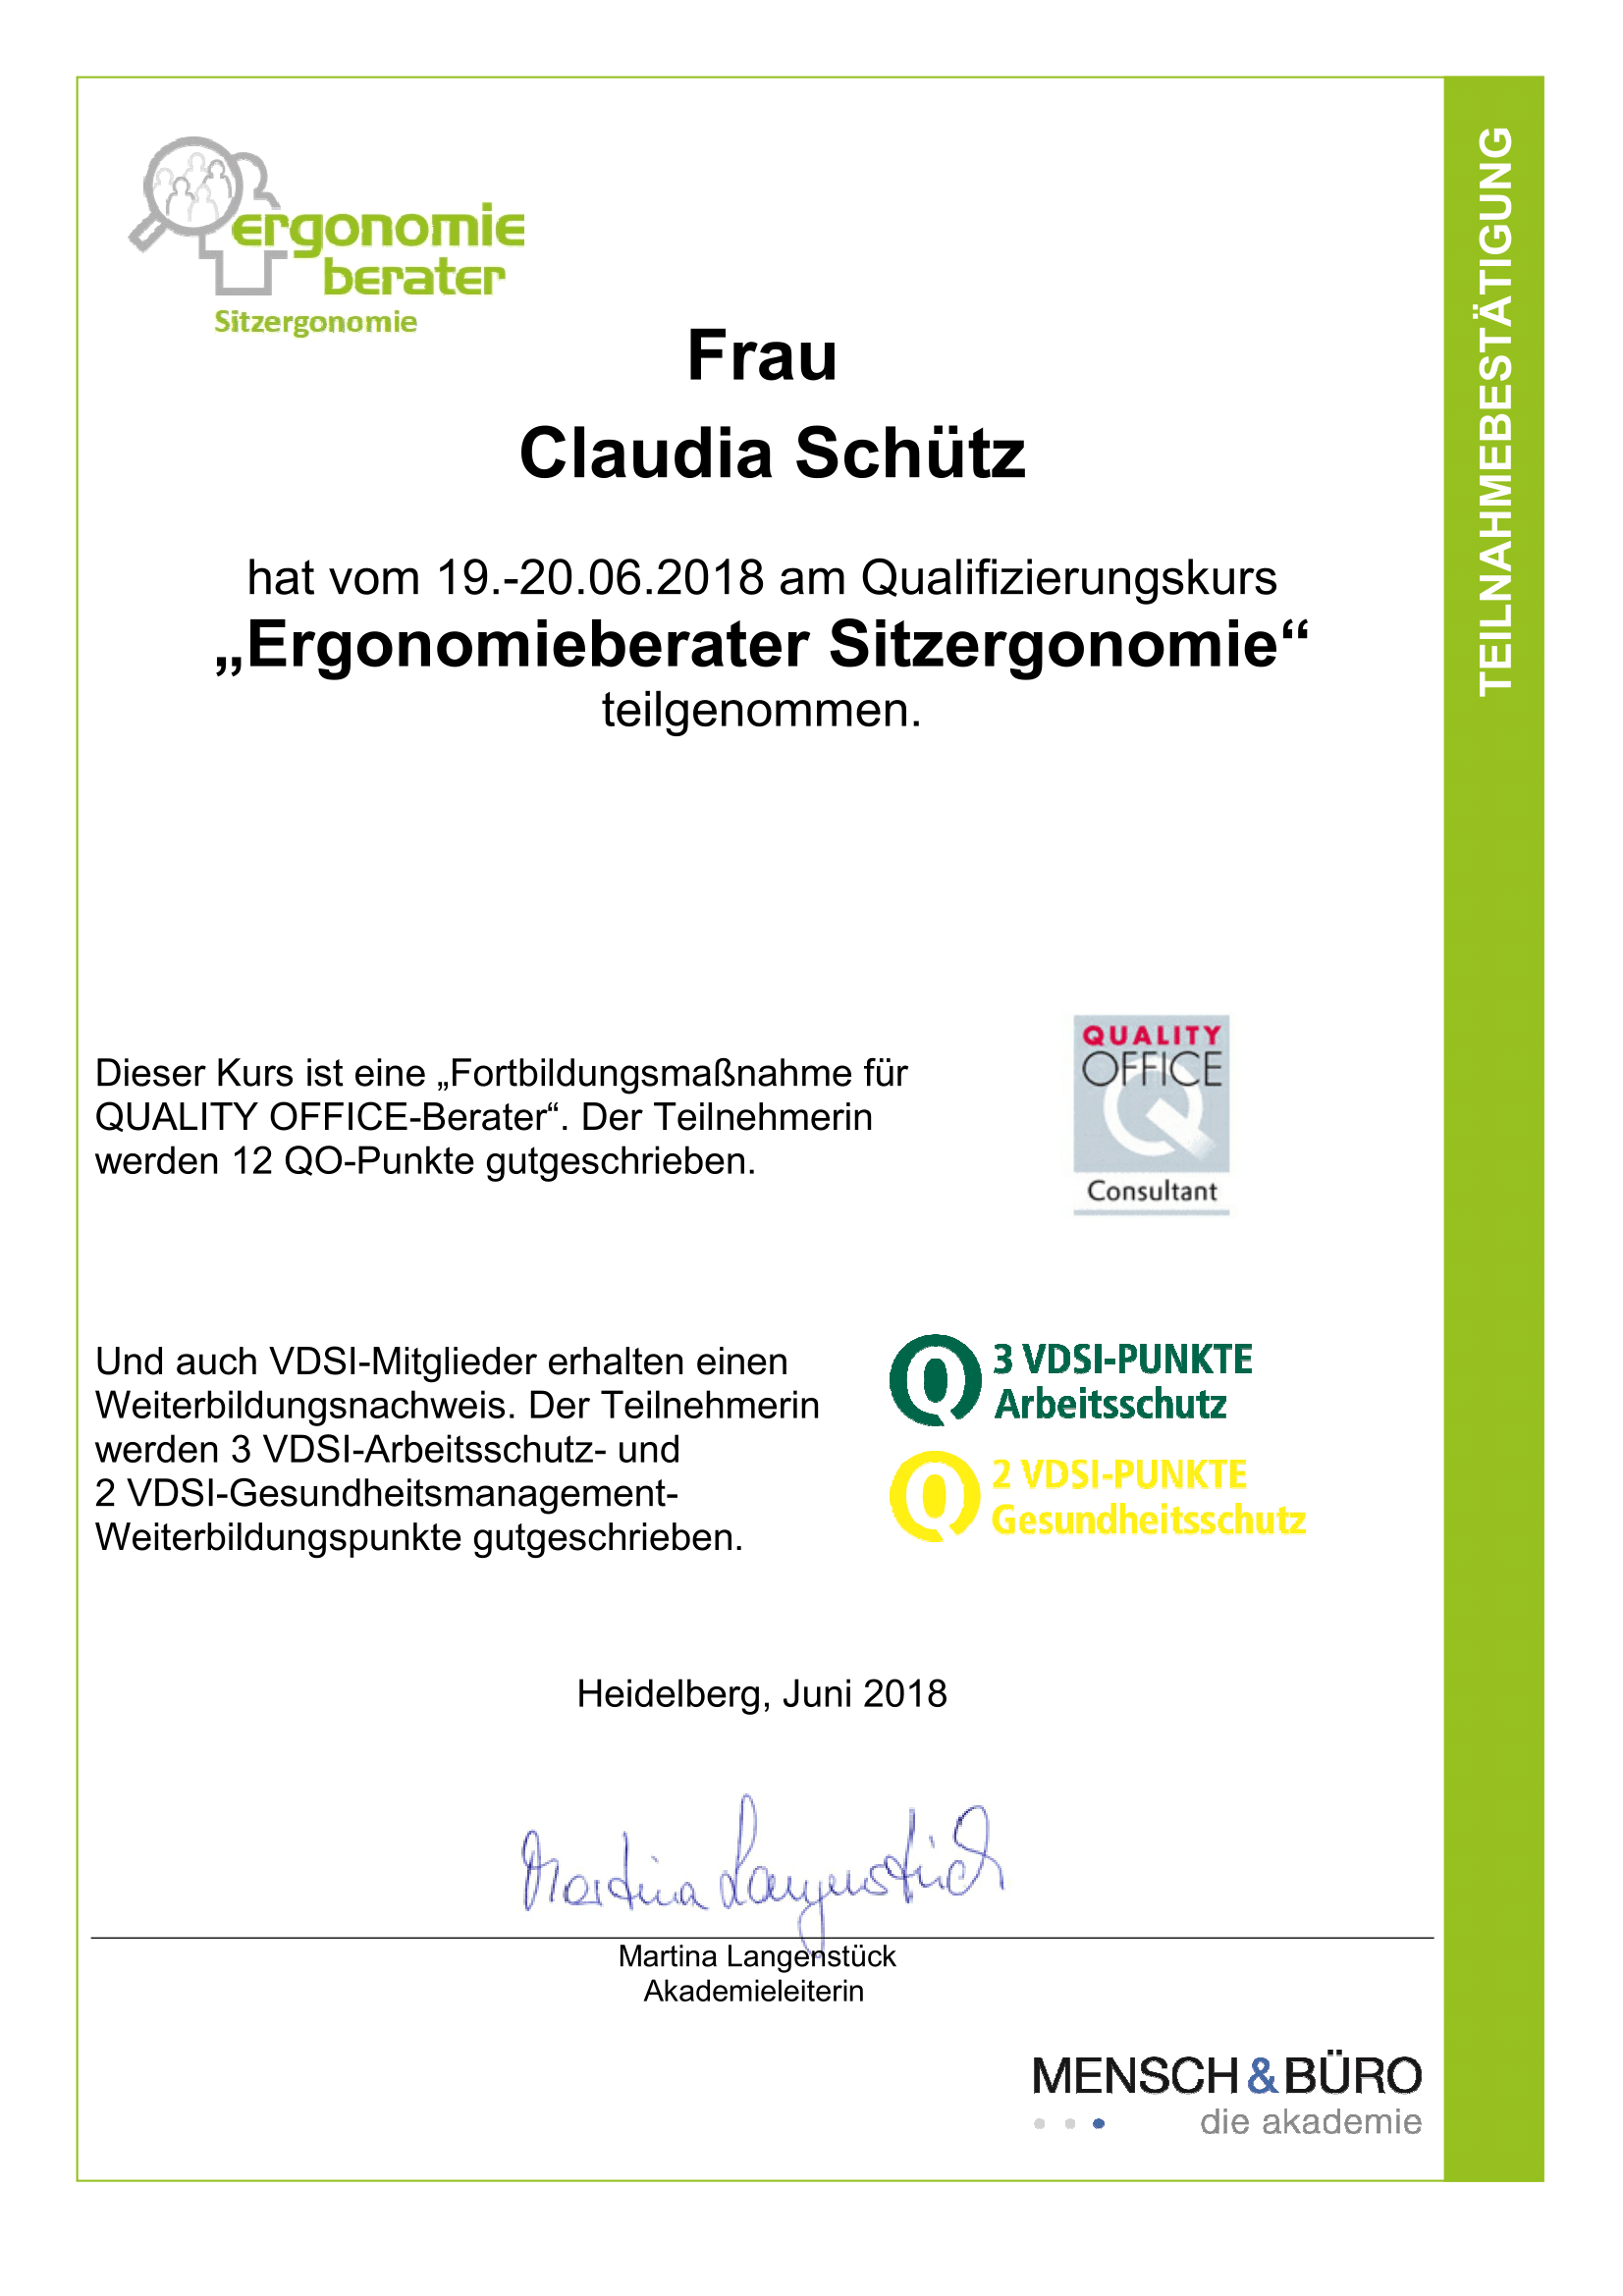 EB-Sitzergonomie-Teilnahmebestätigung-ClaudiaSchütz-1